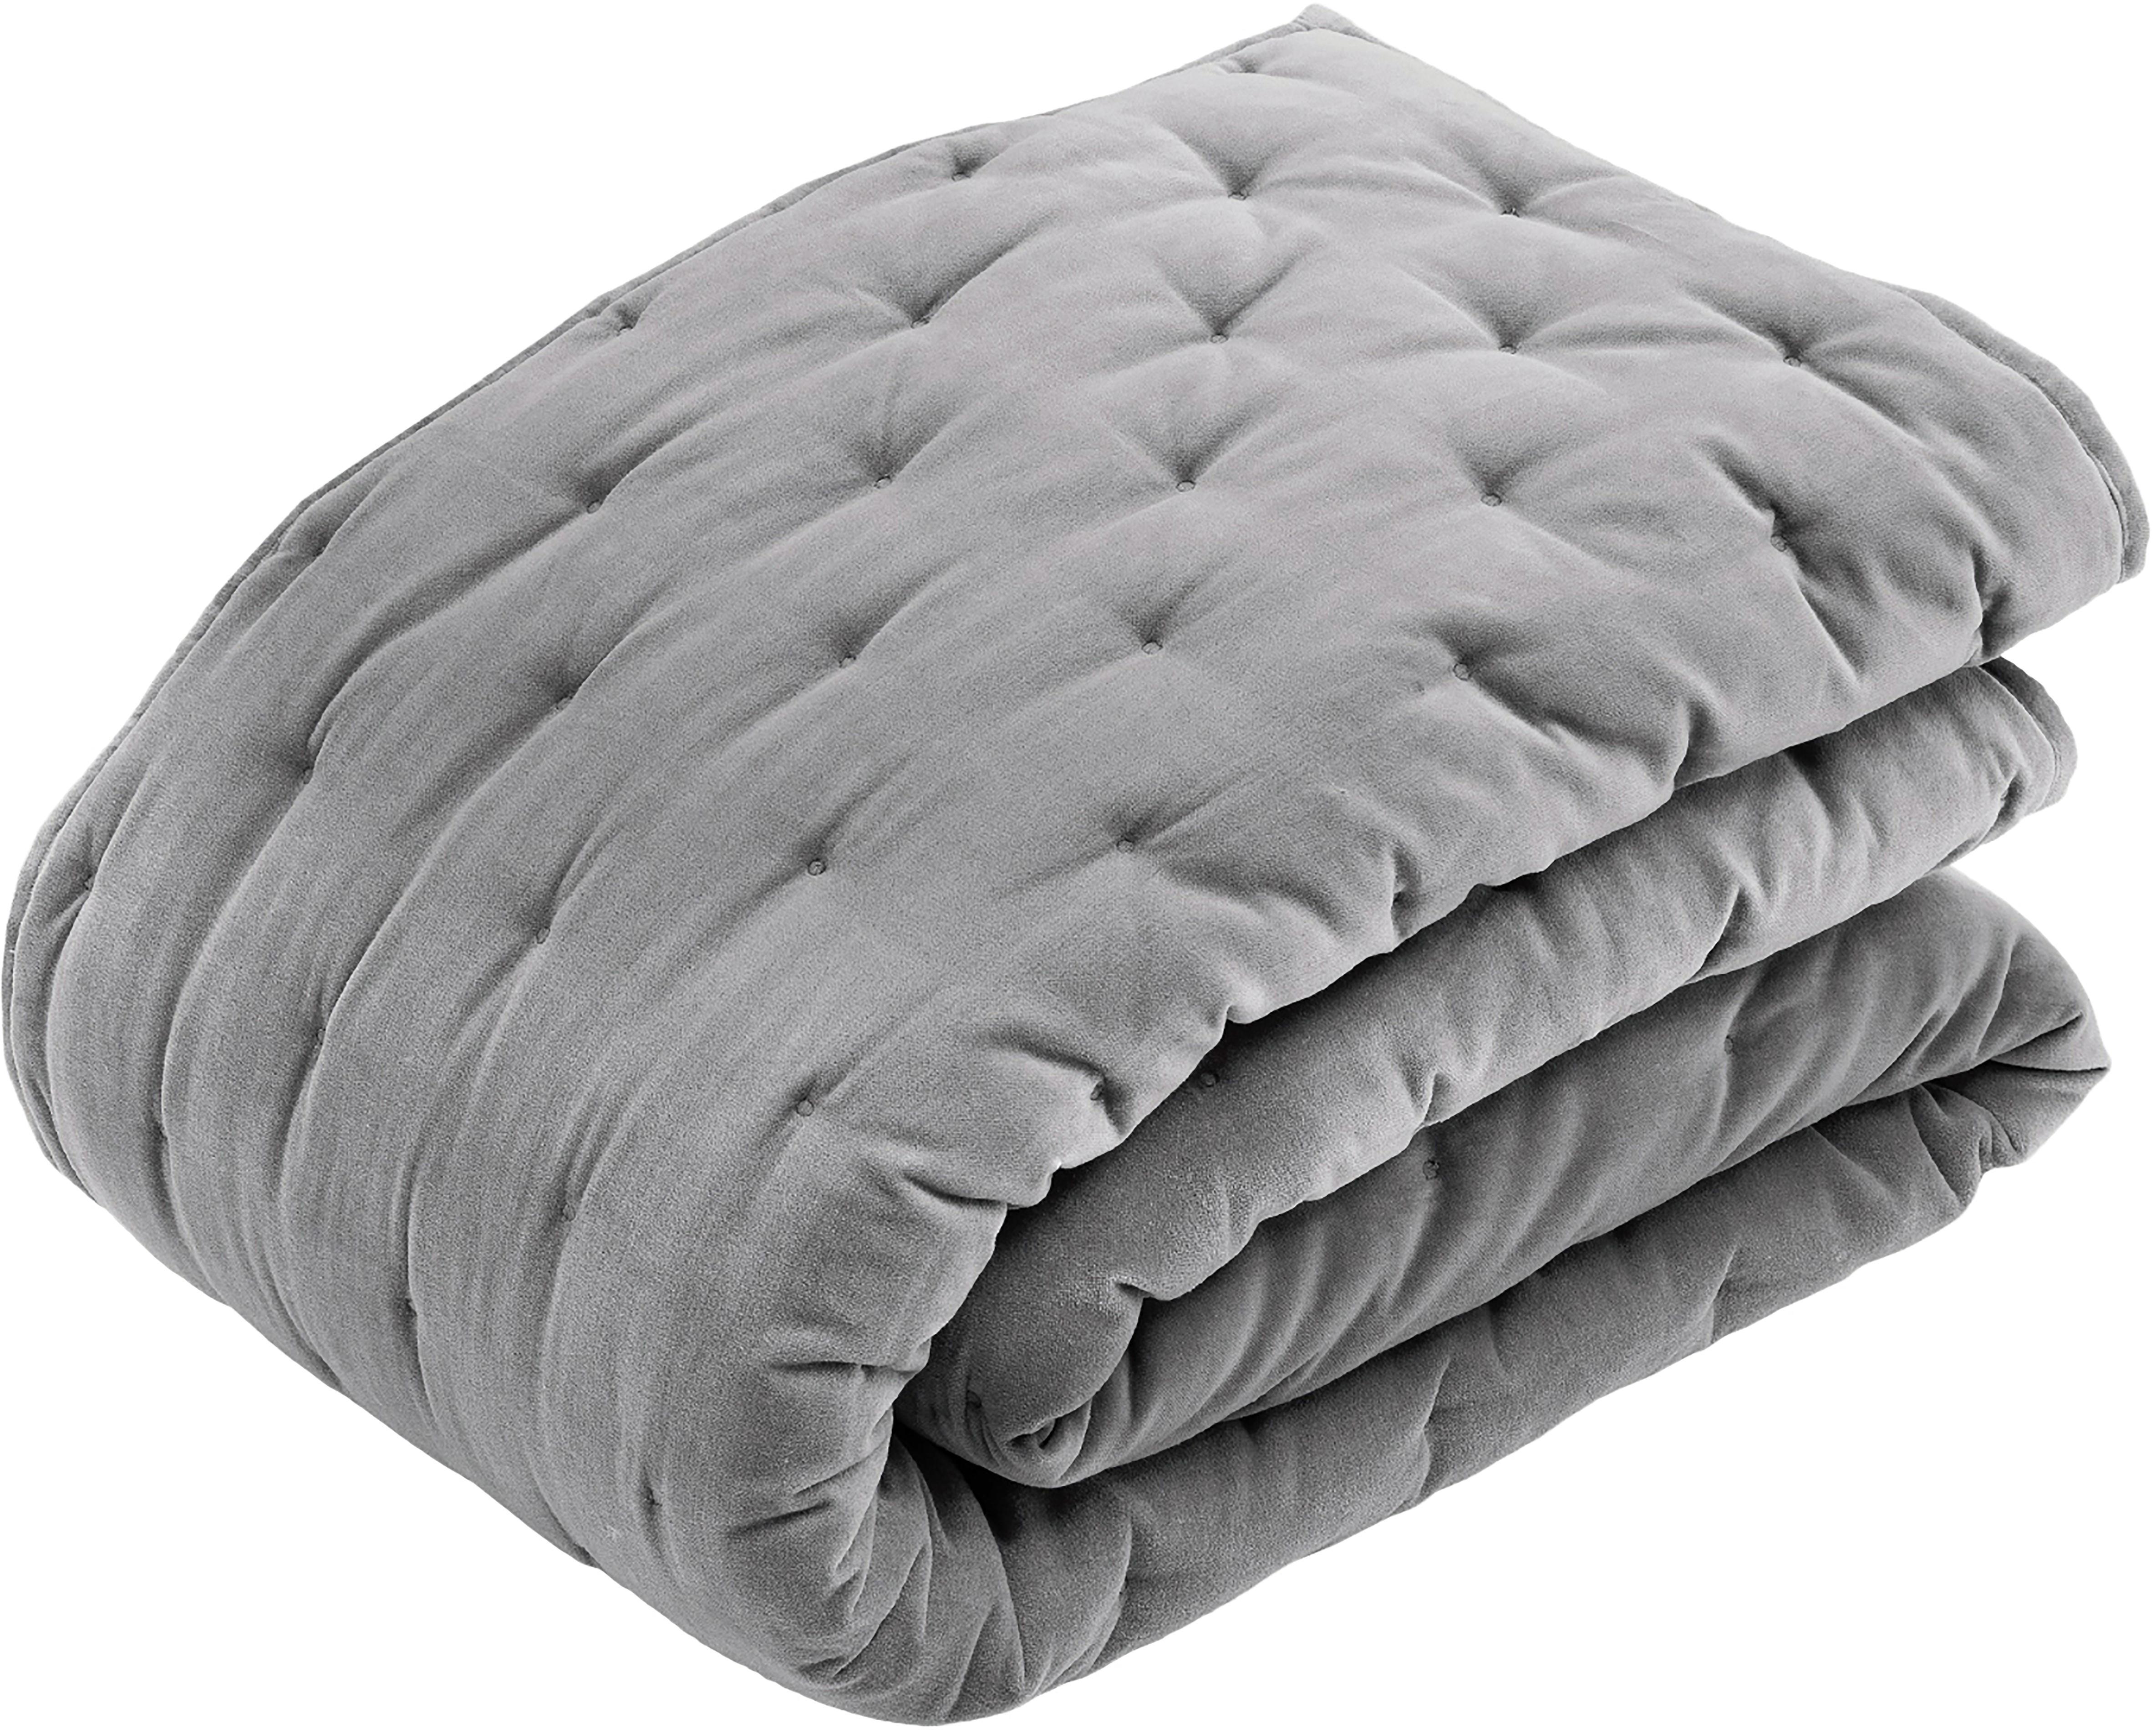 Copriletto imbottito in velluto grigio Cheryl, Retro: cotone, Grigio, Larg. 160 x Lung. 220 cm